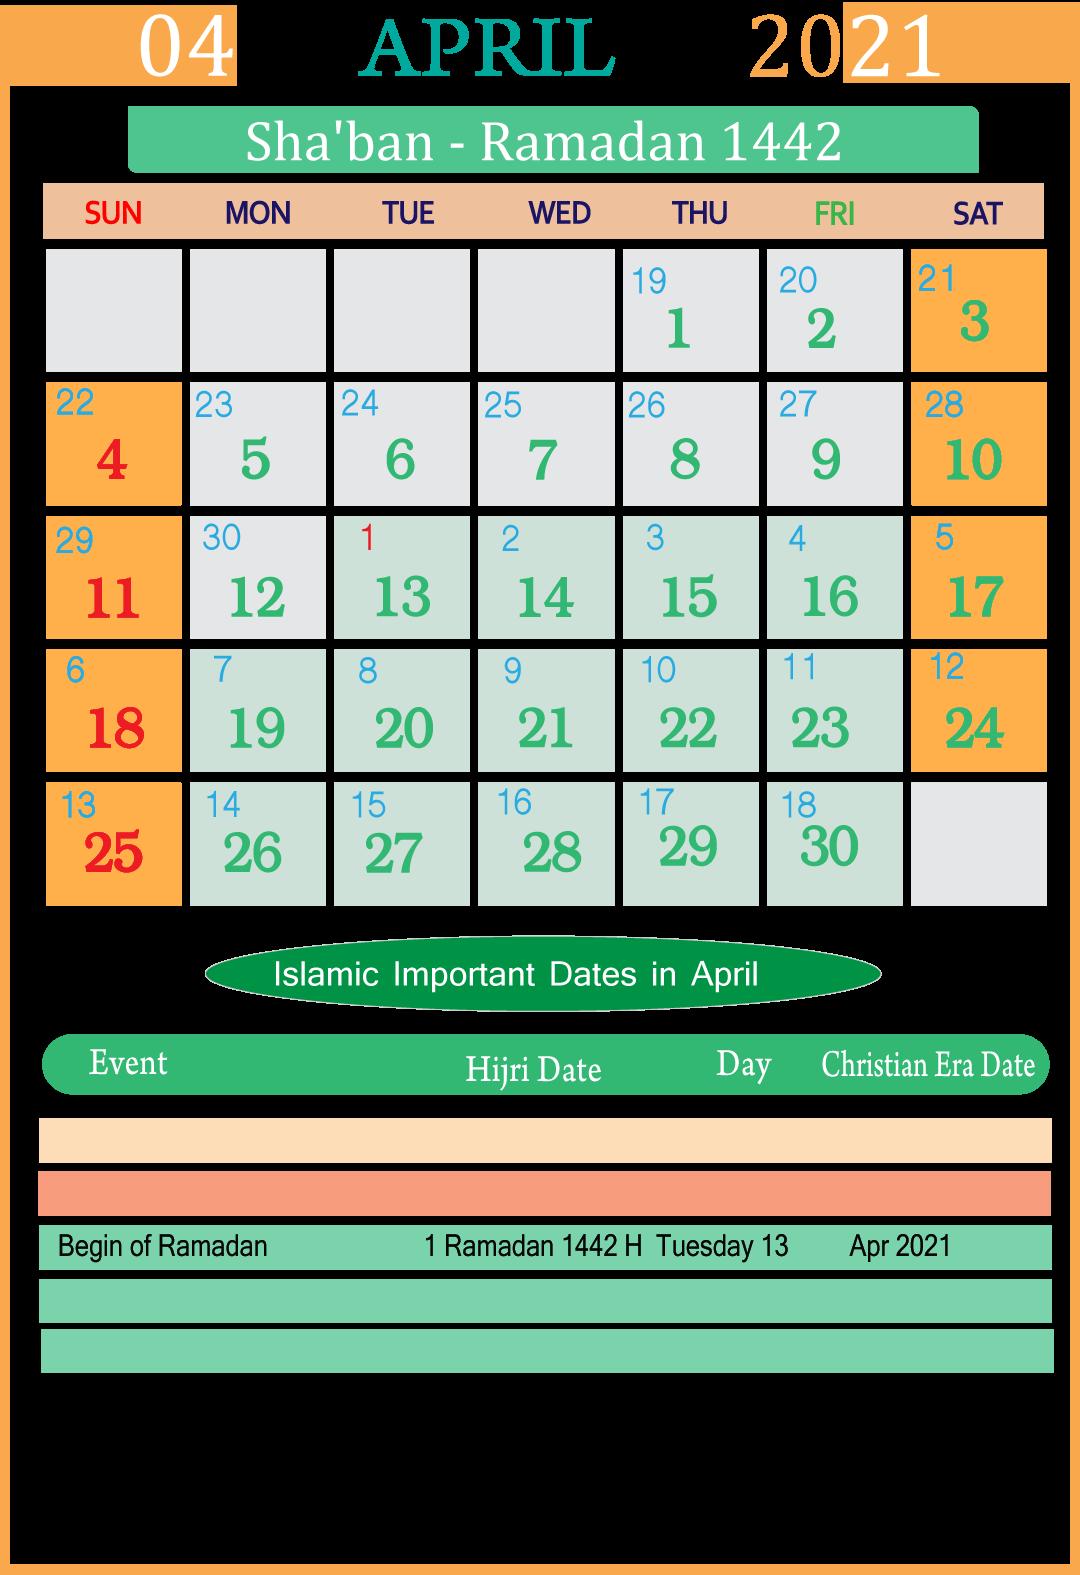 Islamic Hijri APRIL 2021 Calendar